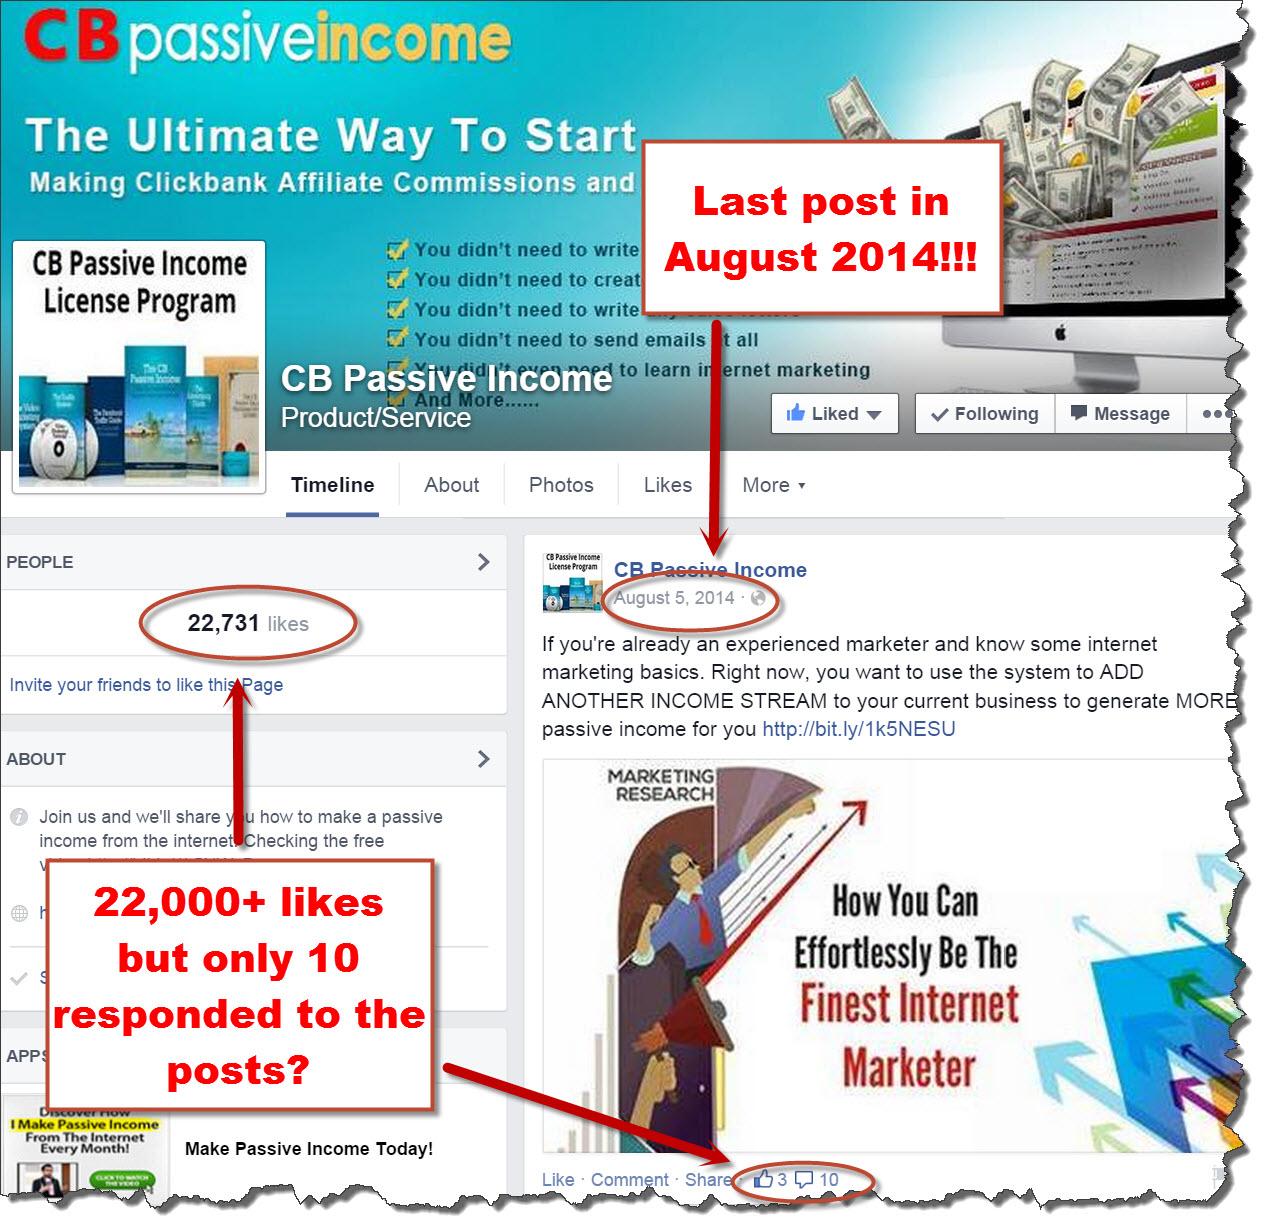 CB PAssive income community